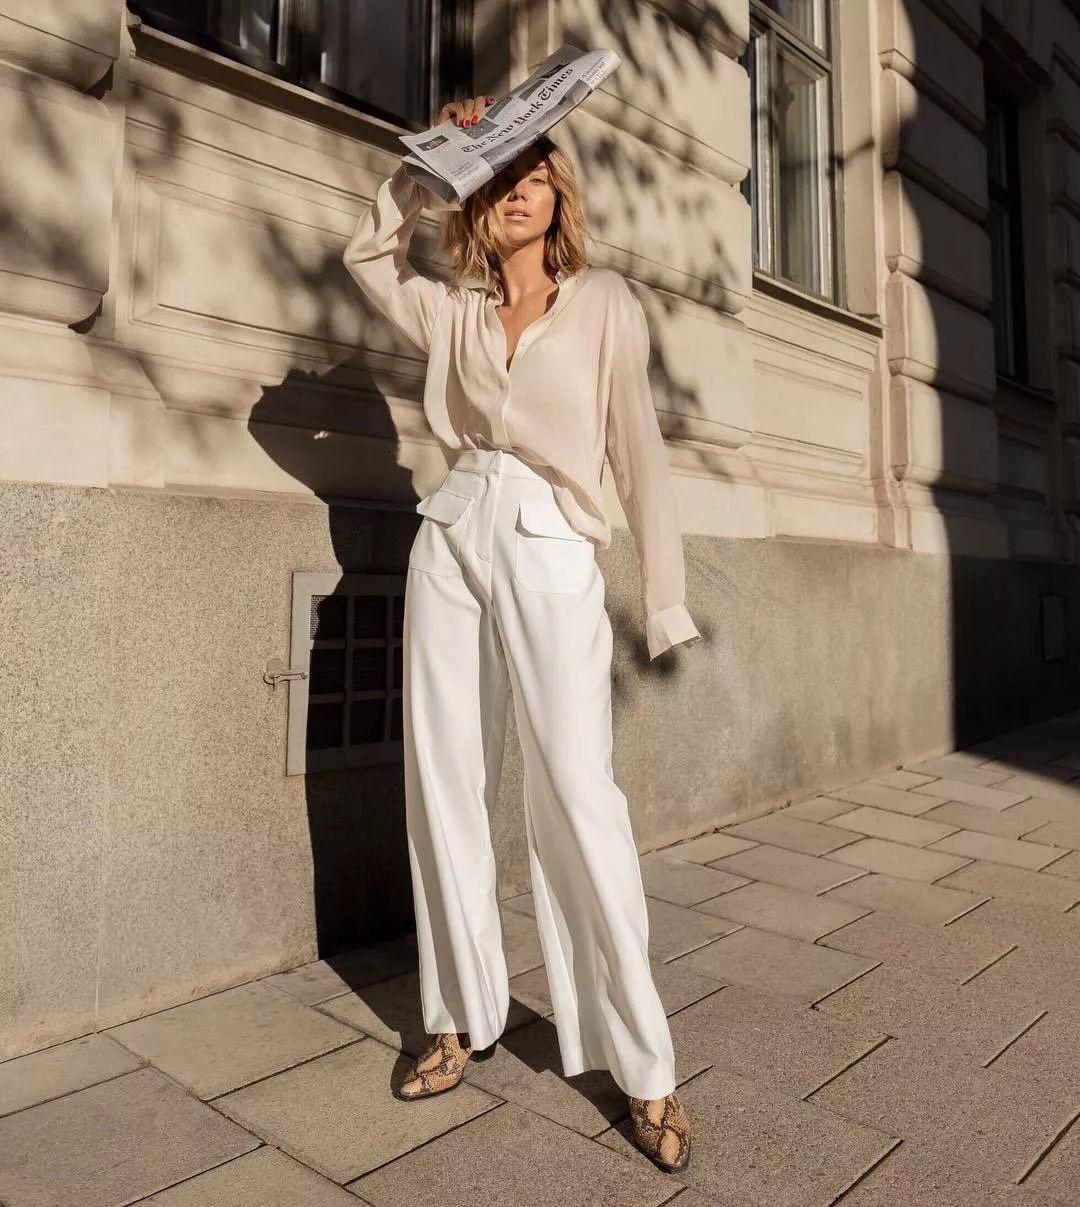 衬衫+奶奶裤,秋天超慵懒时髦风穿搭(图33)